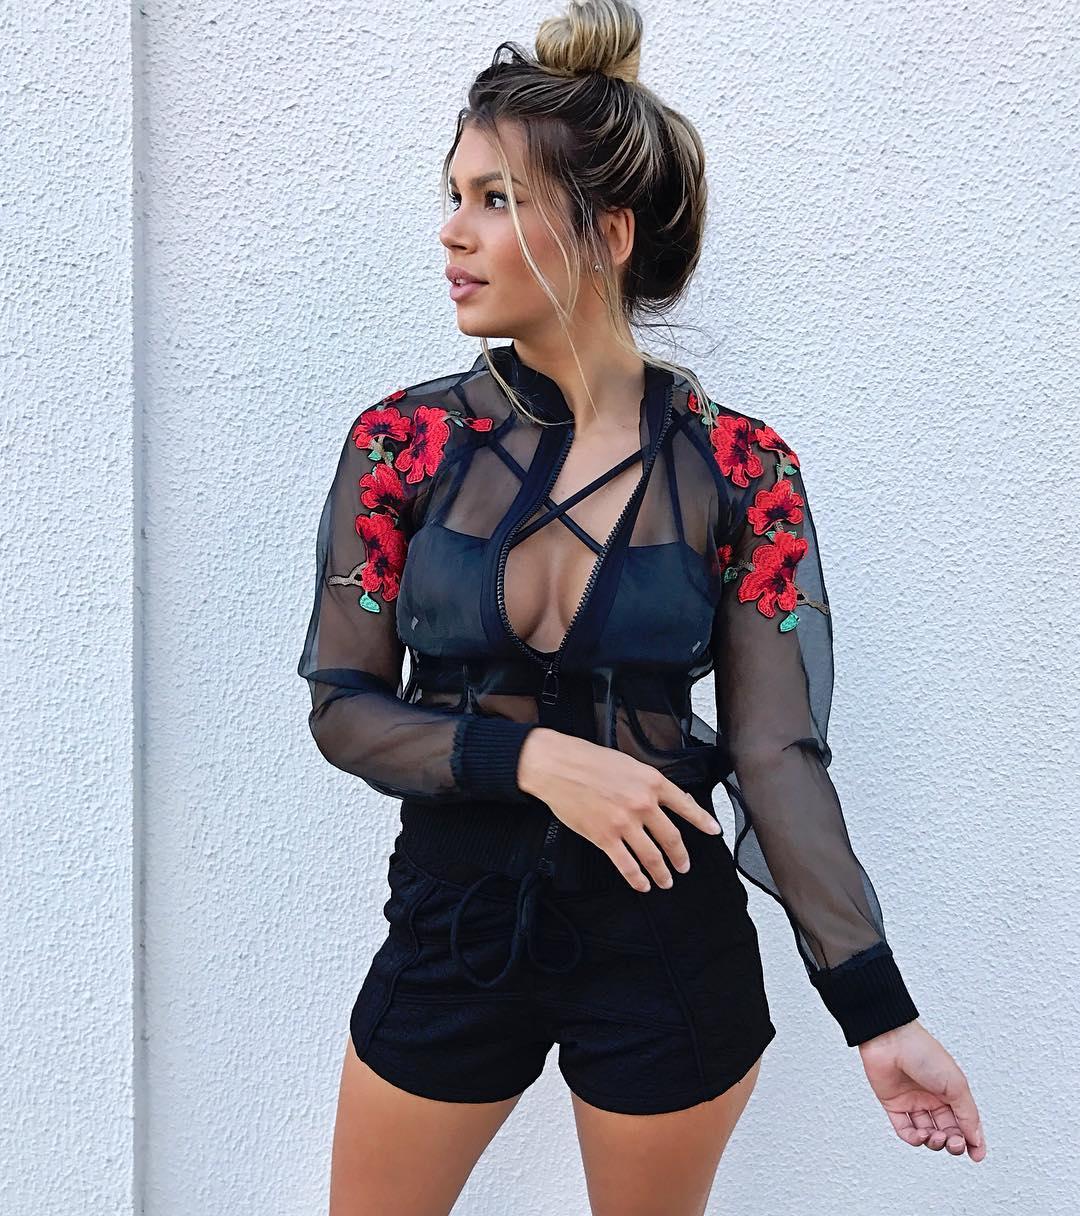 Imagenes-de-moda-para-mujeres88